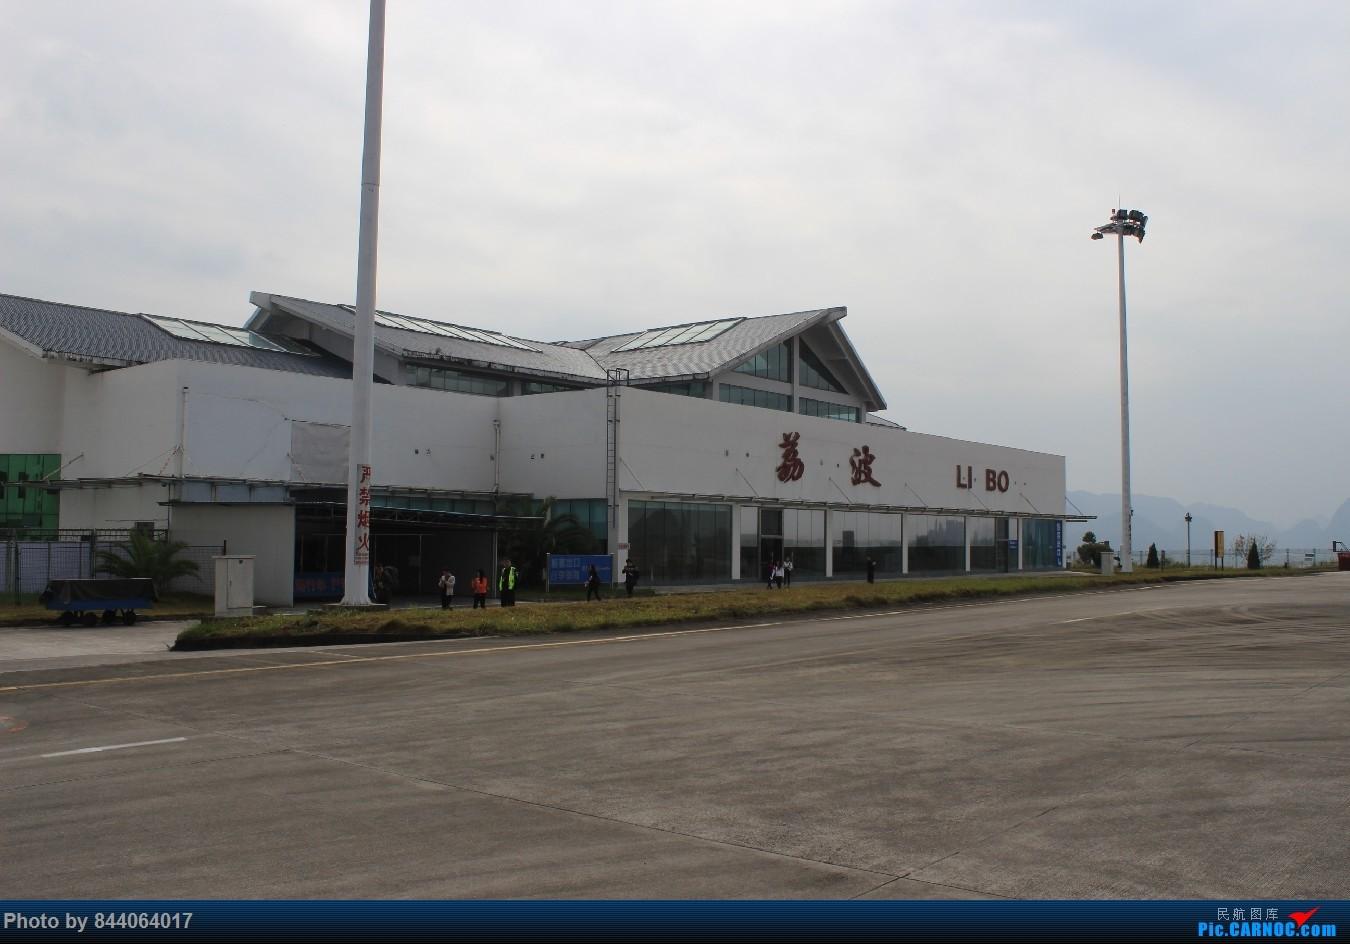 Re:小机场及荒弃了的机场